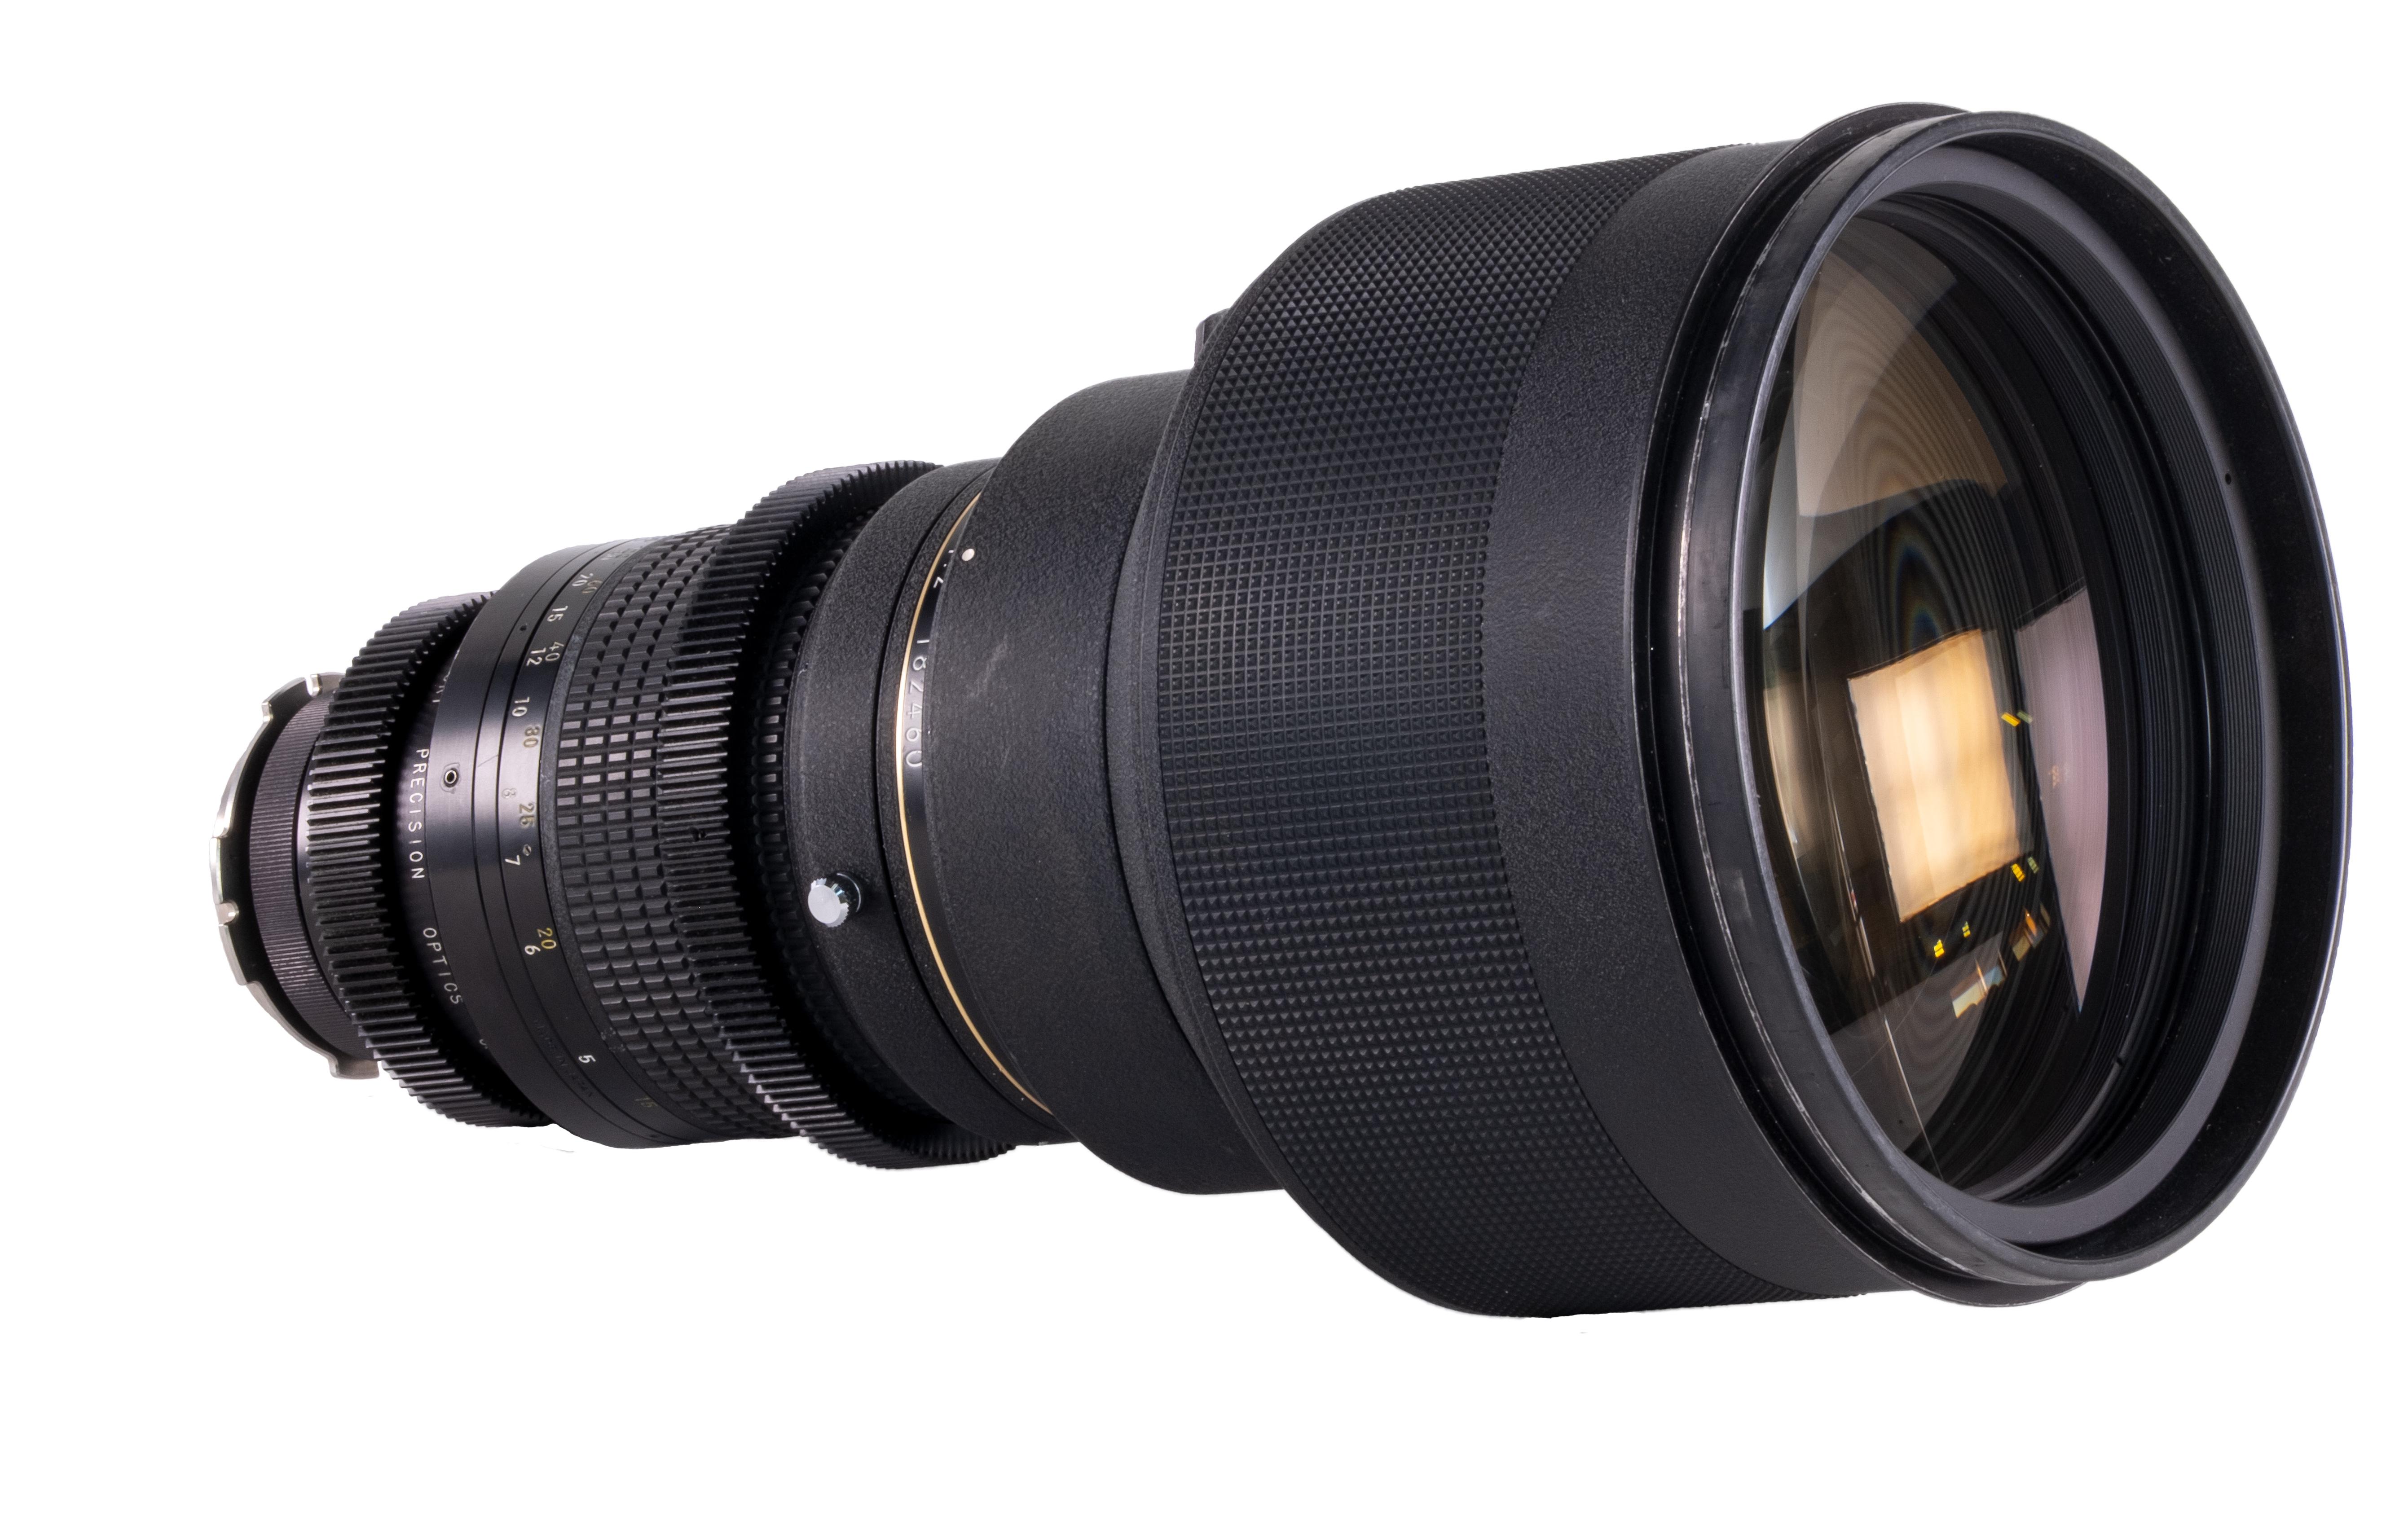 Nikkor ED 300mm T/2.0 Prime